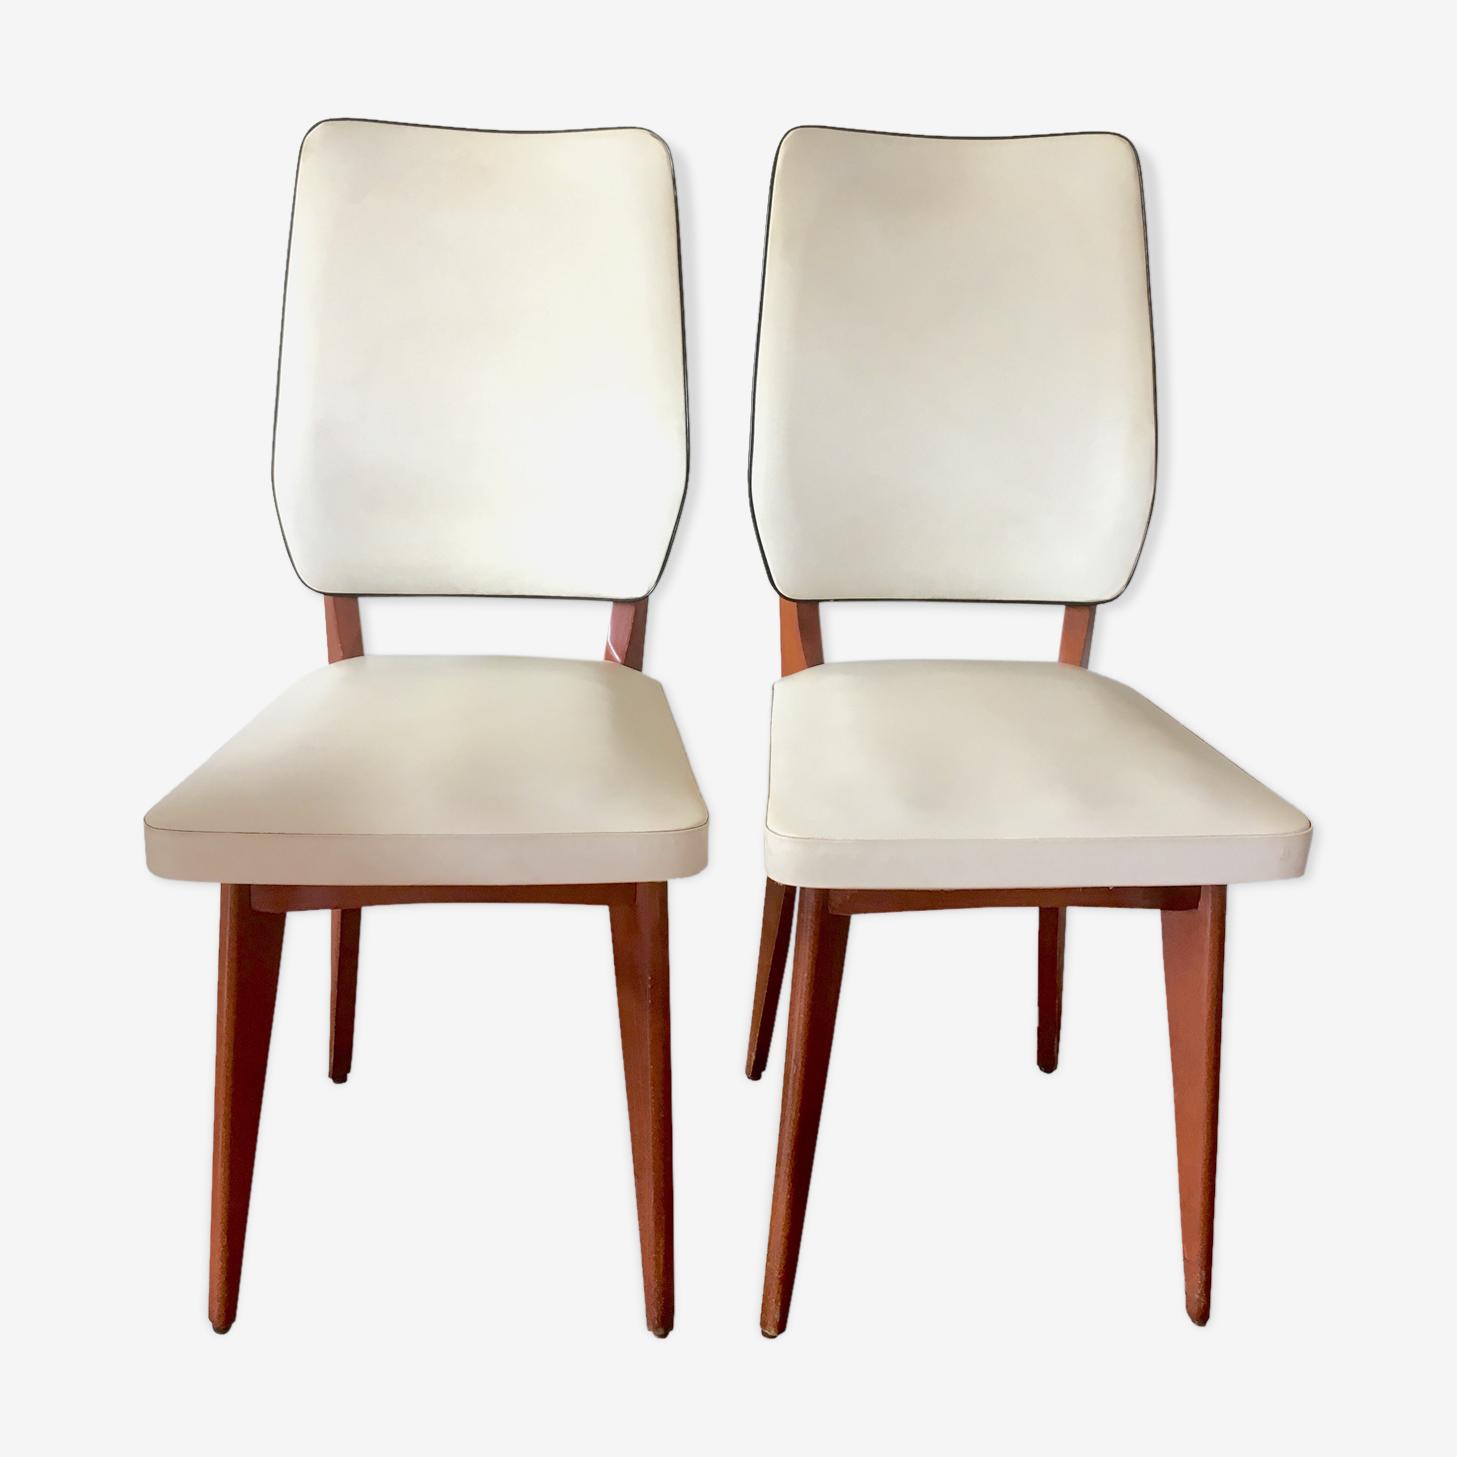 Paire de chaises en skaï beige et bois